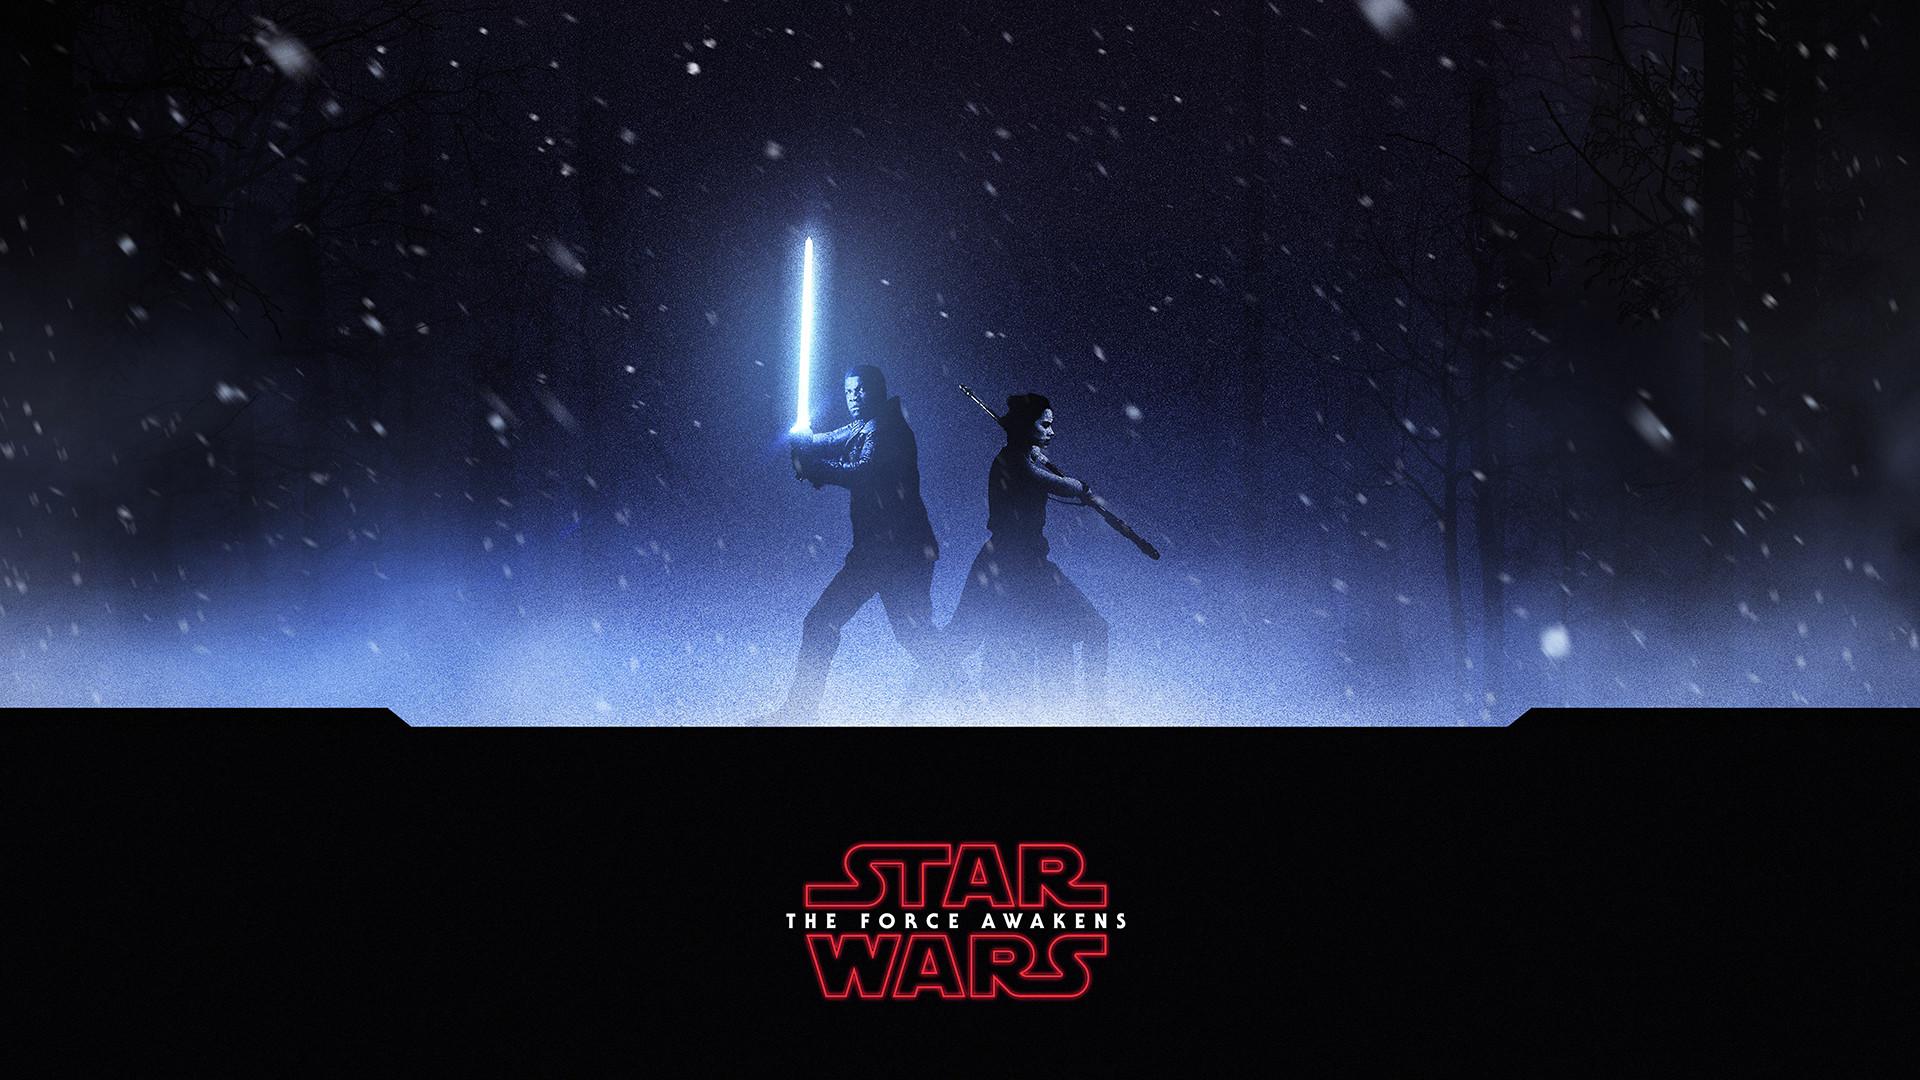 Star Wars Lightsaber Duel Wallpaper (64+ Images